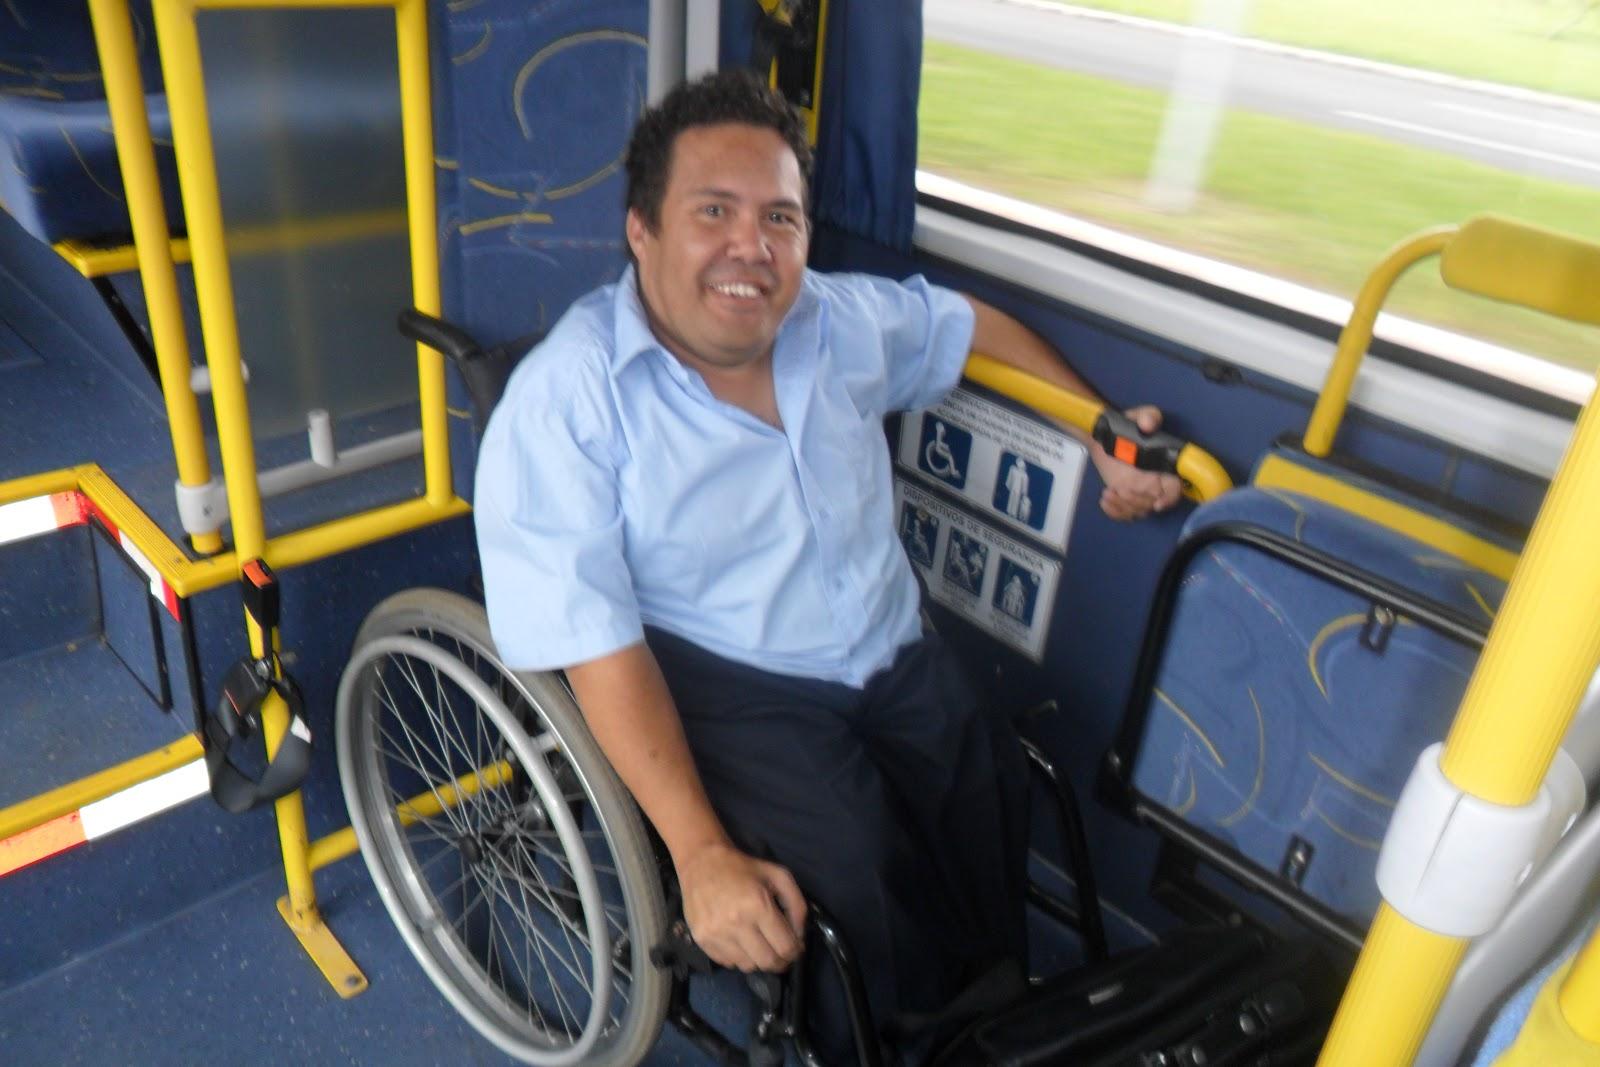 Foto: Wanderley Marques de Assis na cadeira de rodas já acomodado no  #B59716 1600x1067 Adaptação Banheiro Cadeirante